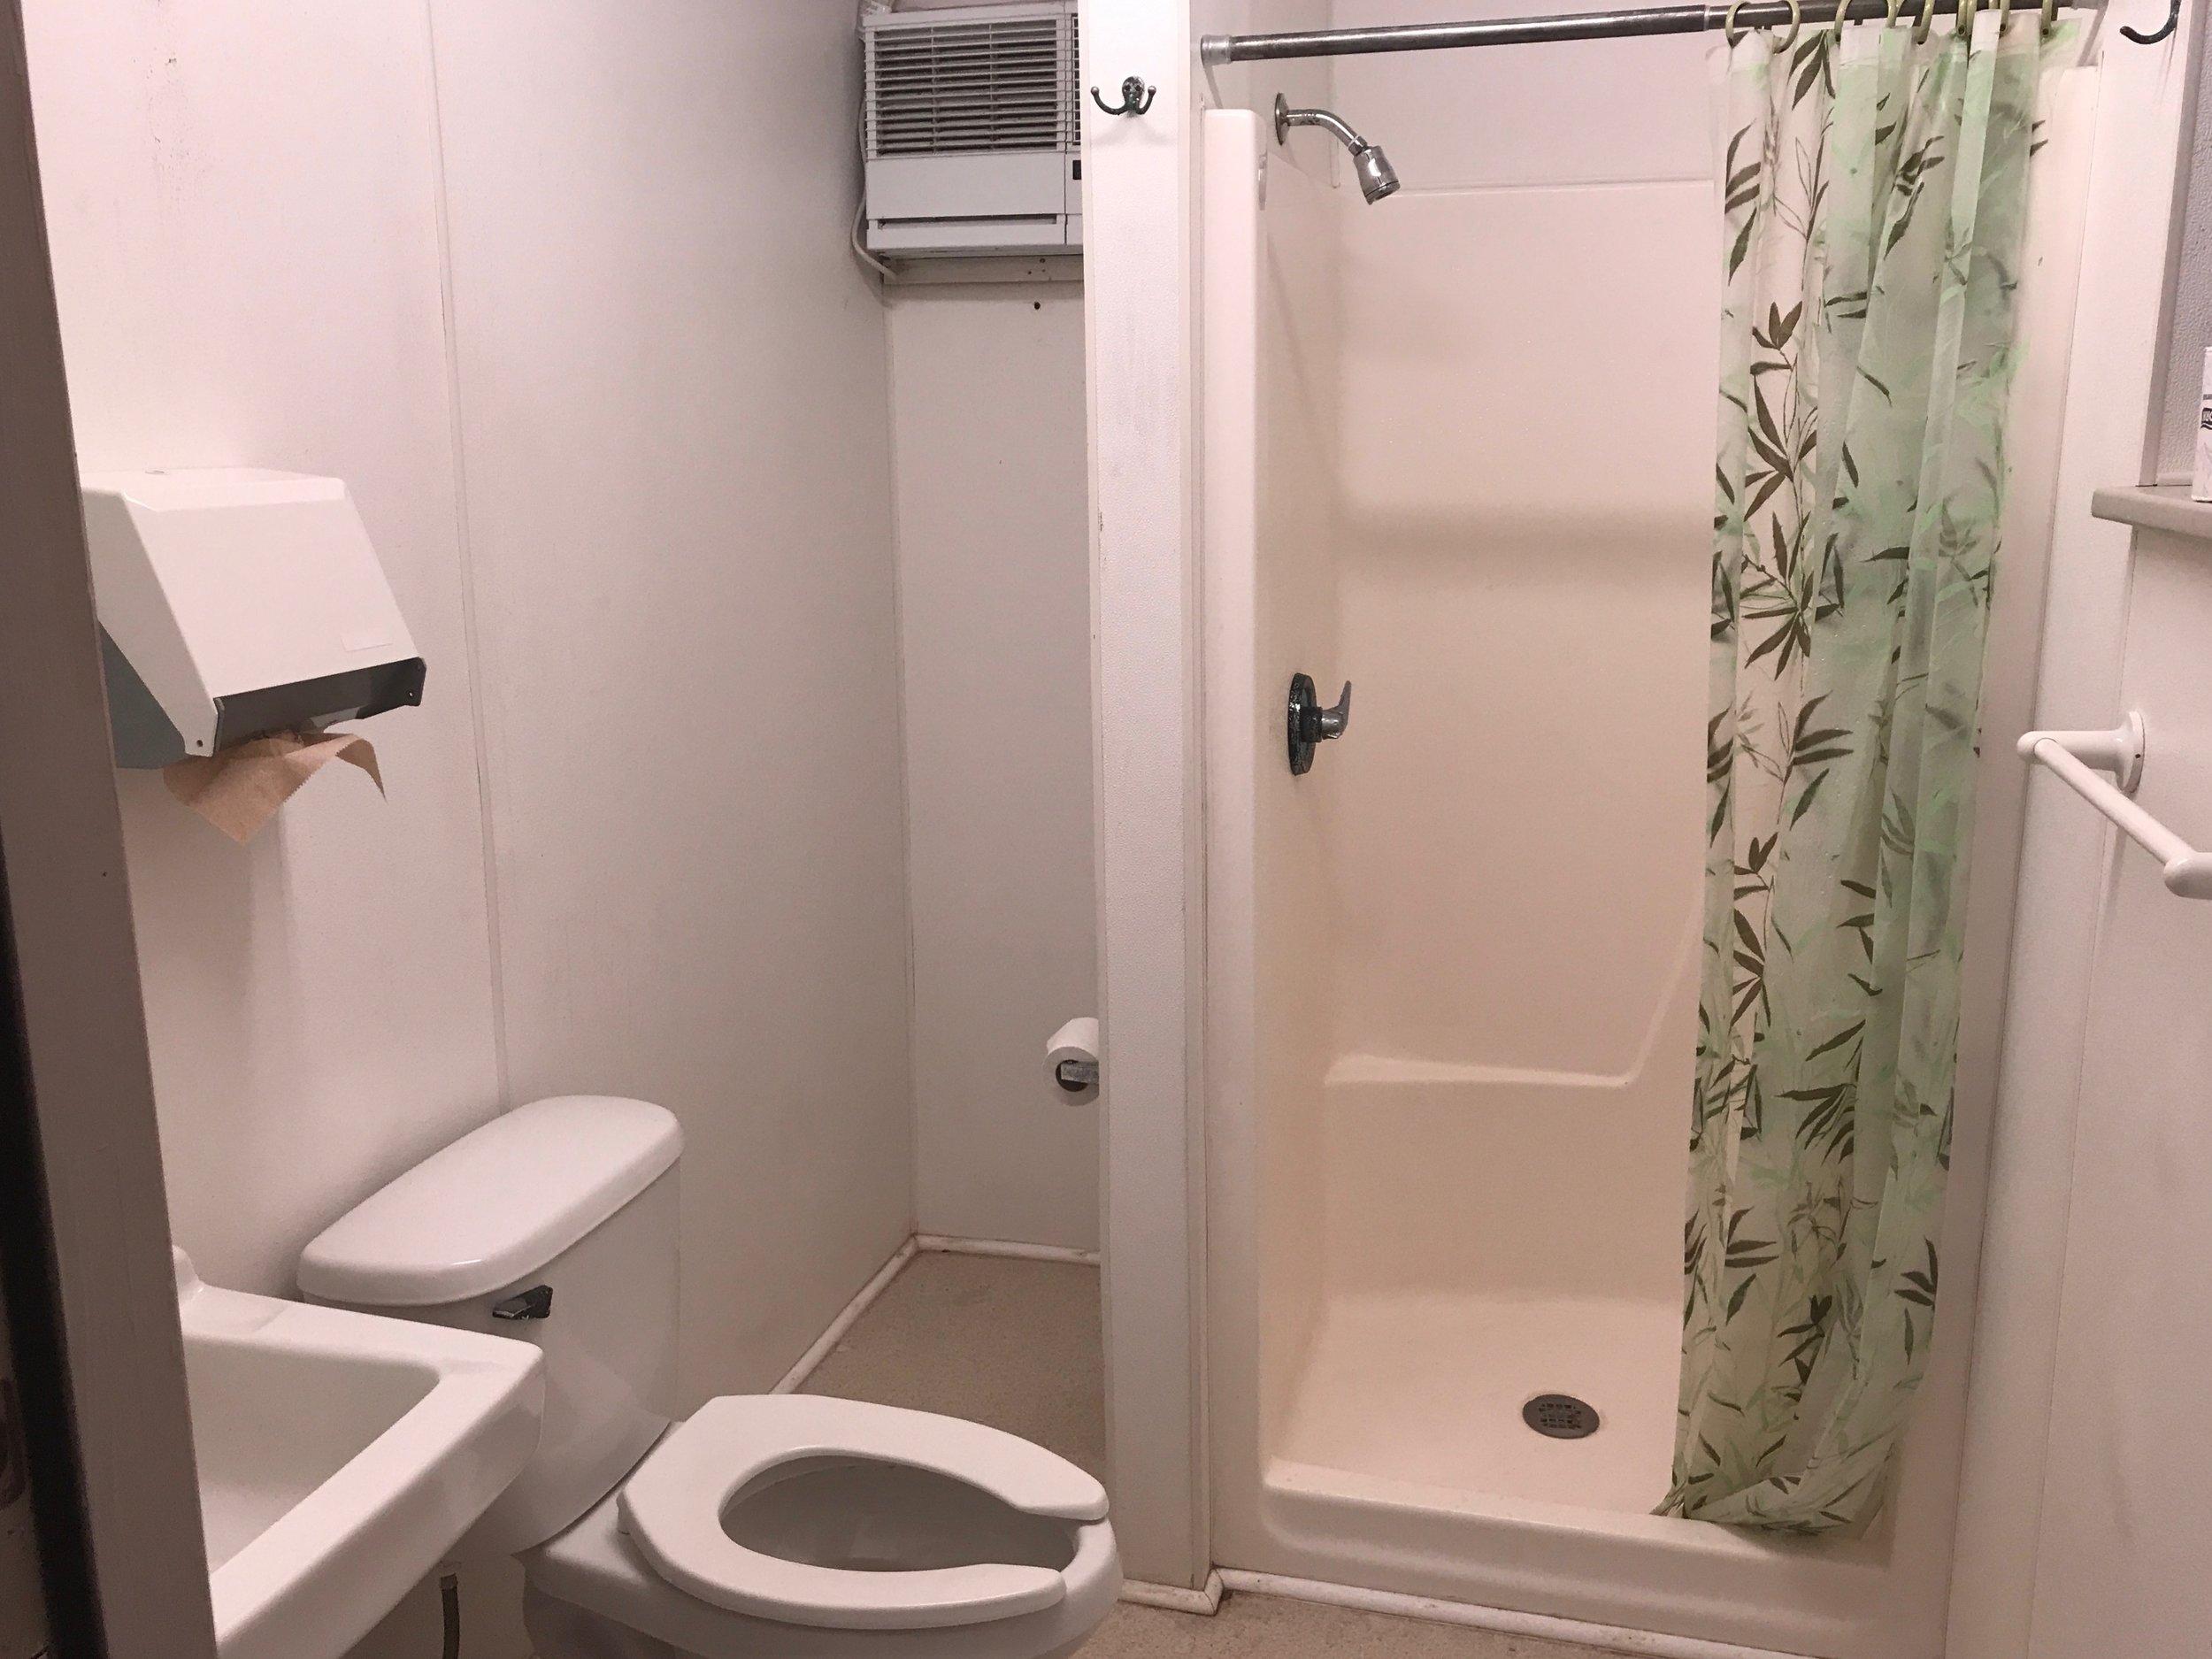 Pretty clean bathrooms.